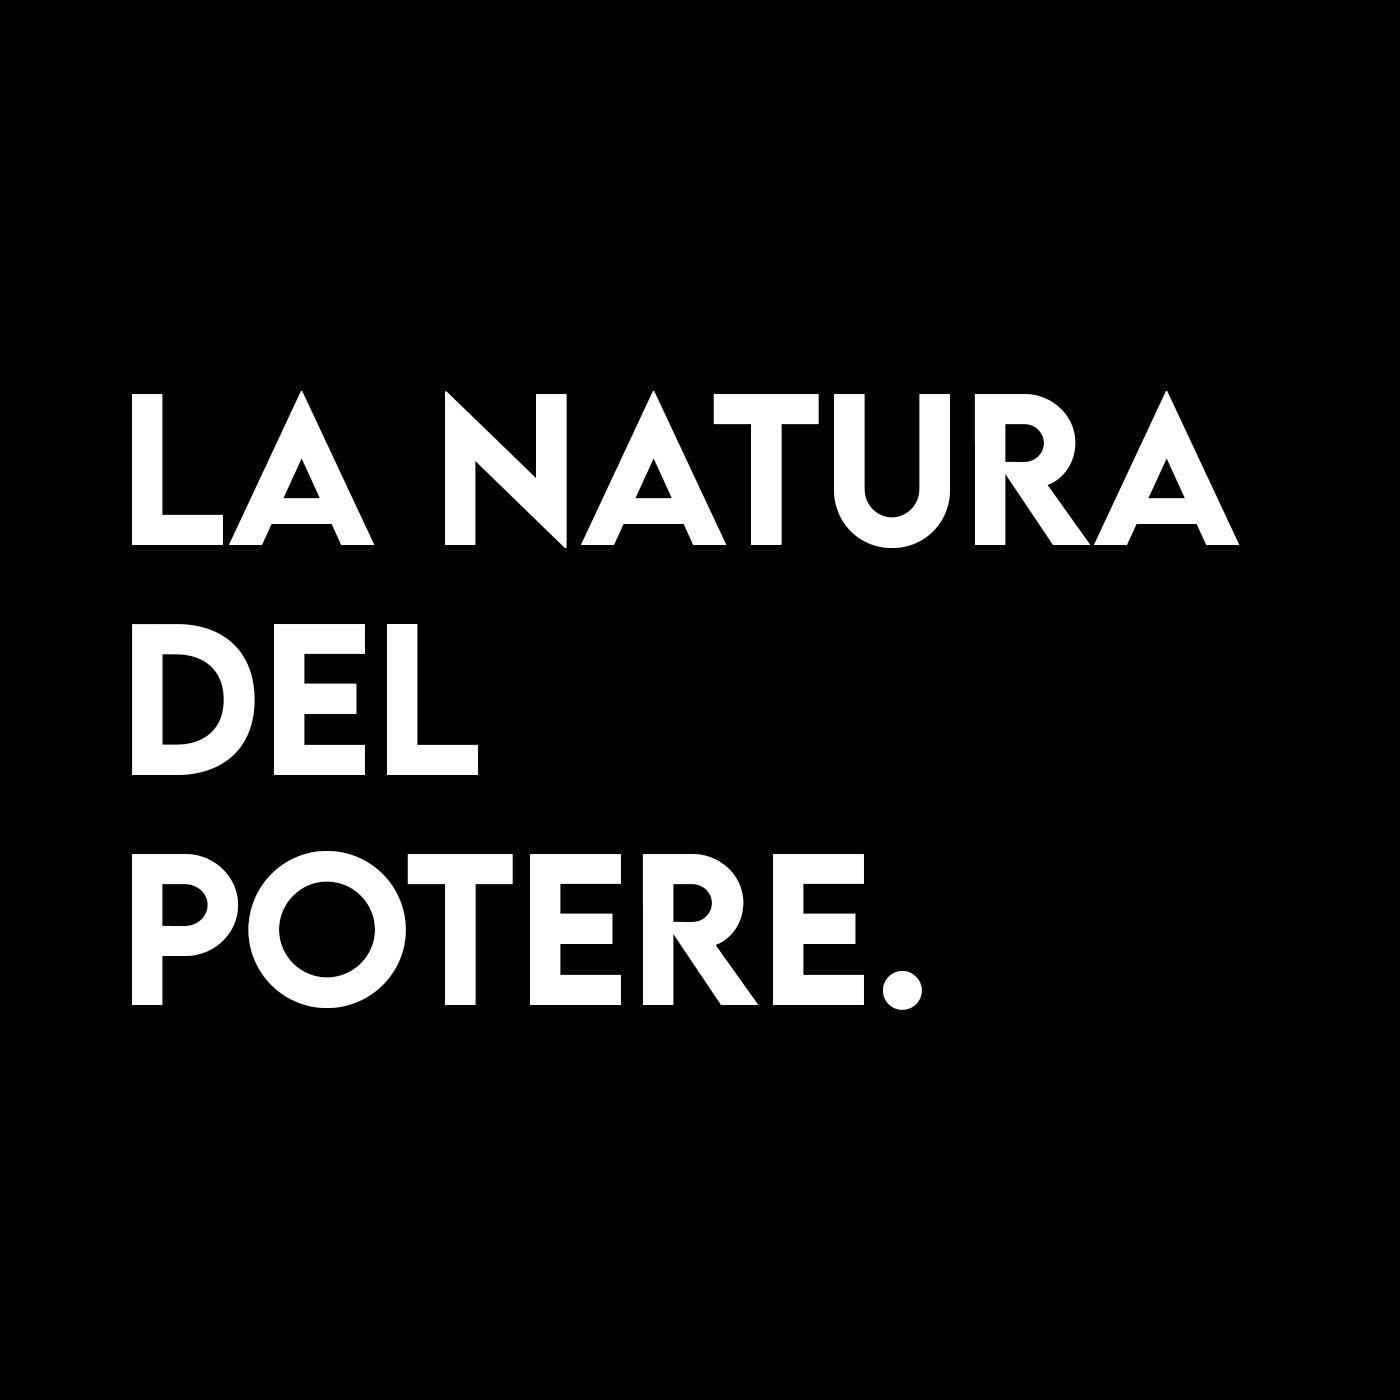 La Natura del POTERE